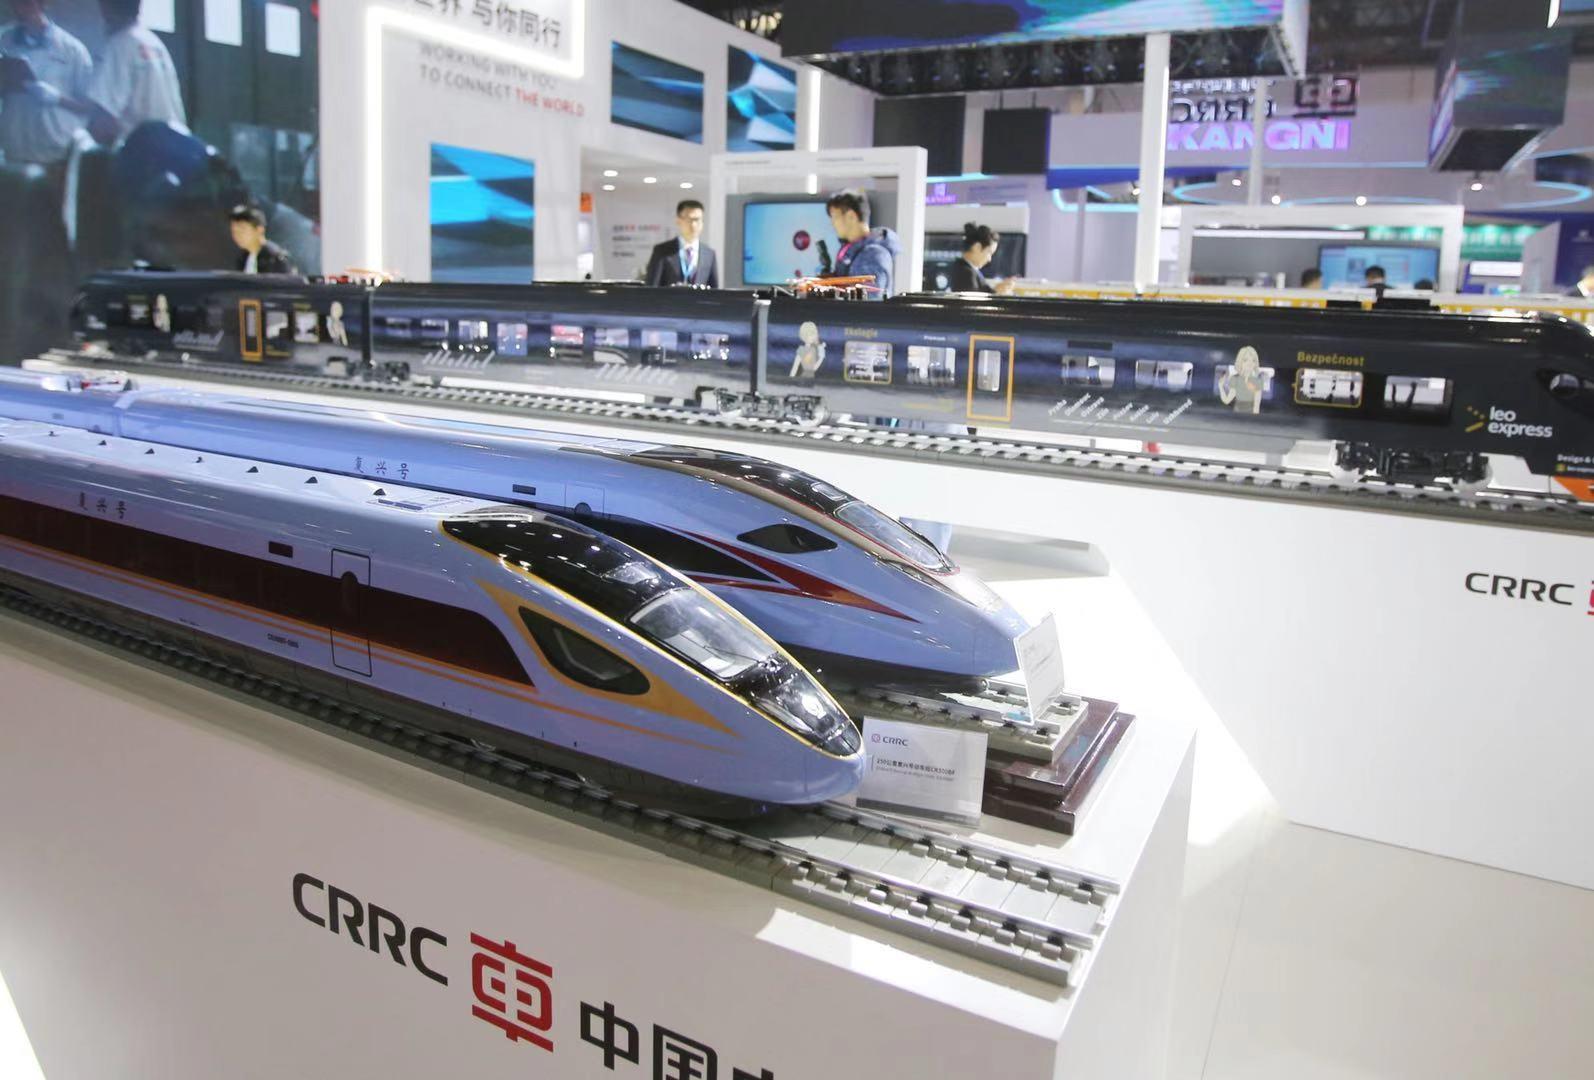 复兴号发送旅客达4.5亿人次 智能型动车组将投入运营_铁路